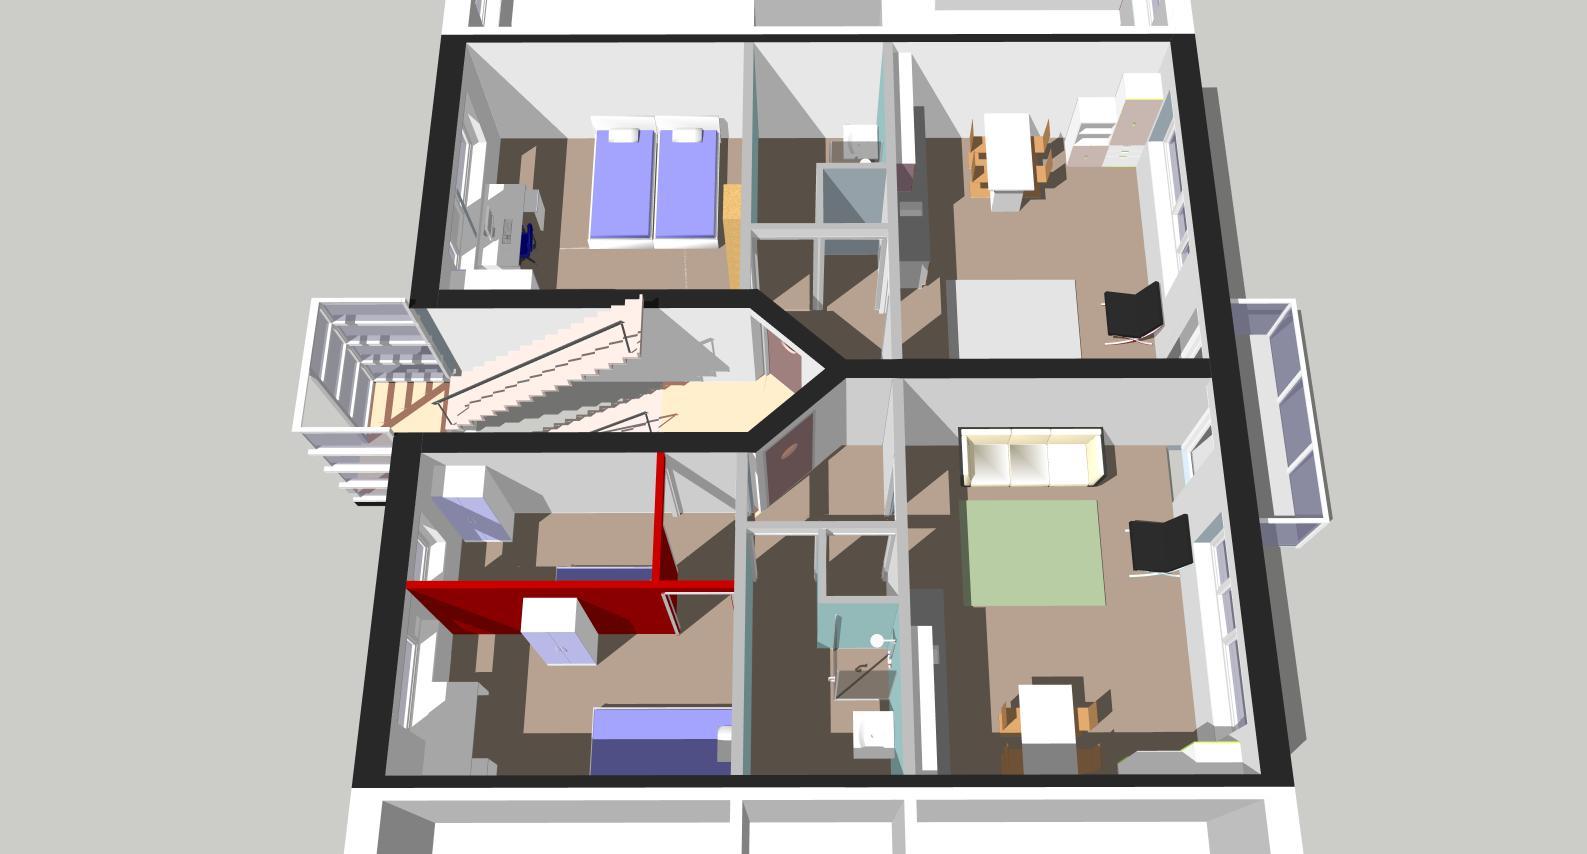 Indelingsvariant 2 x twee á driekamerwoning, elk met een woonopp. van 45 m2